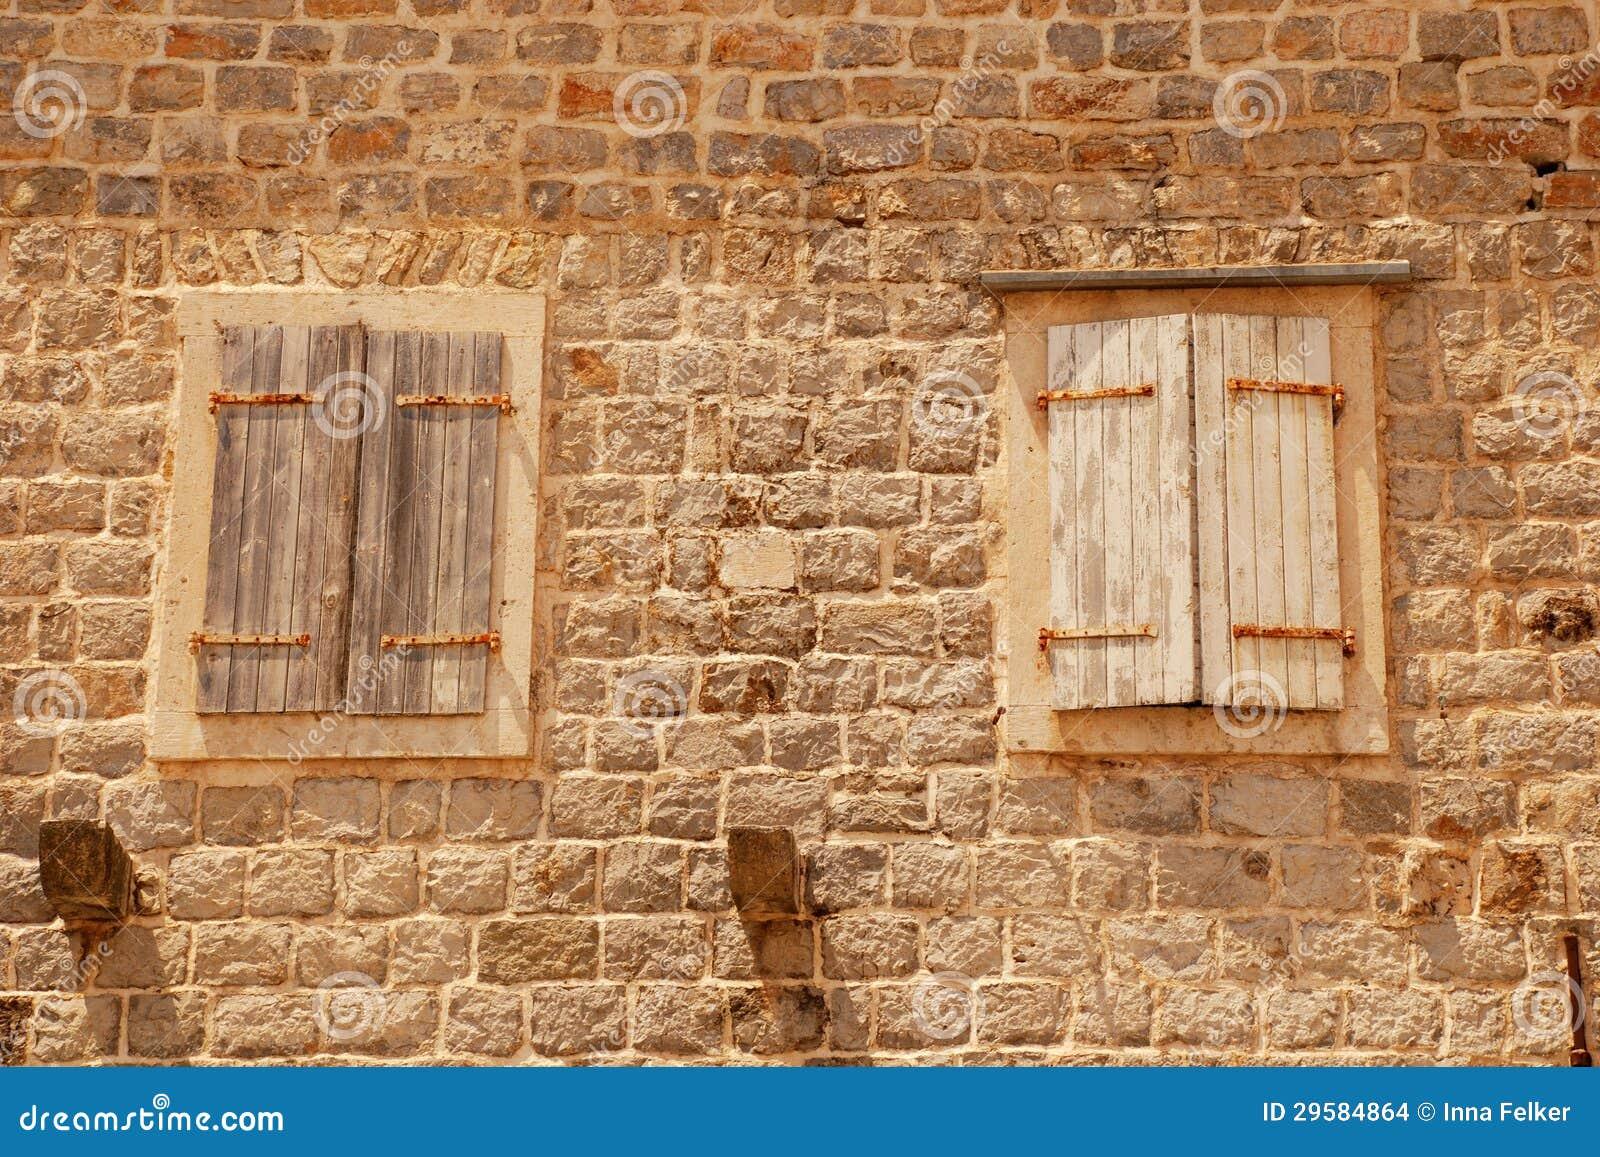 zwei alte geschlossene italienische fenster mit fensterl den stockbilder bild 29584864. Black Bedroom Furniture Sets. Home Design Ideas